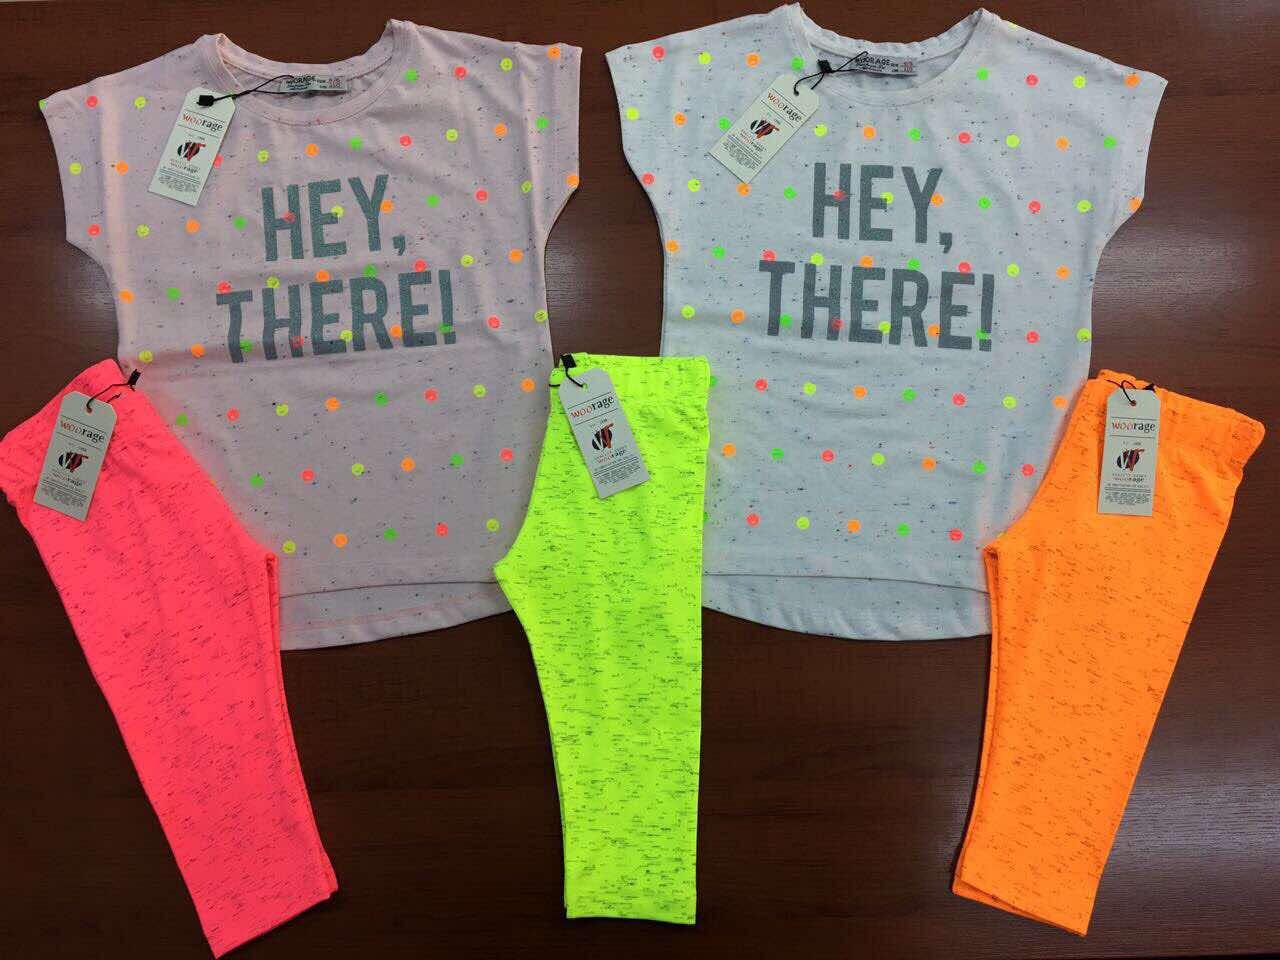 Летние бриджи - Интернет магазин детской одежды Happy hippo в Броварах